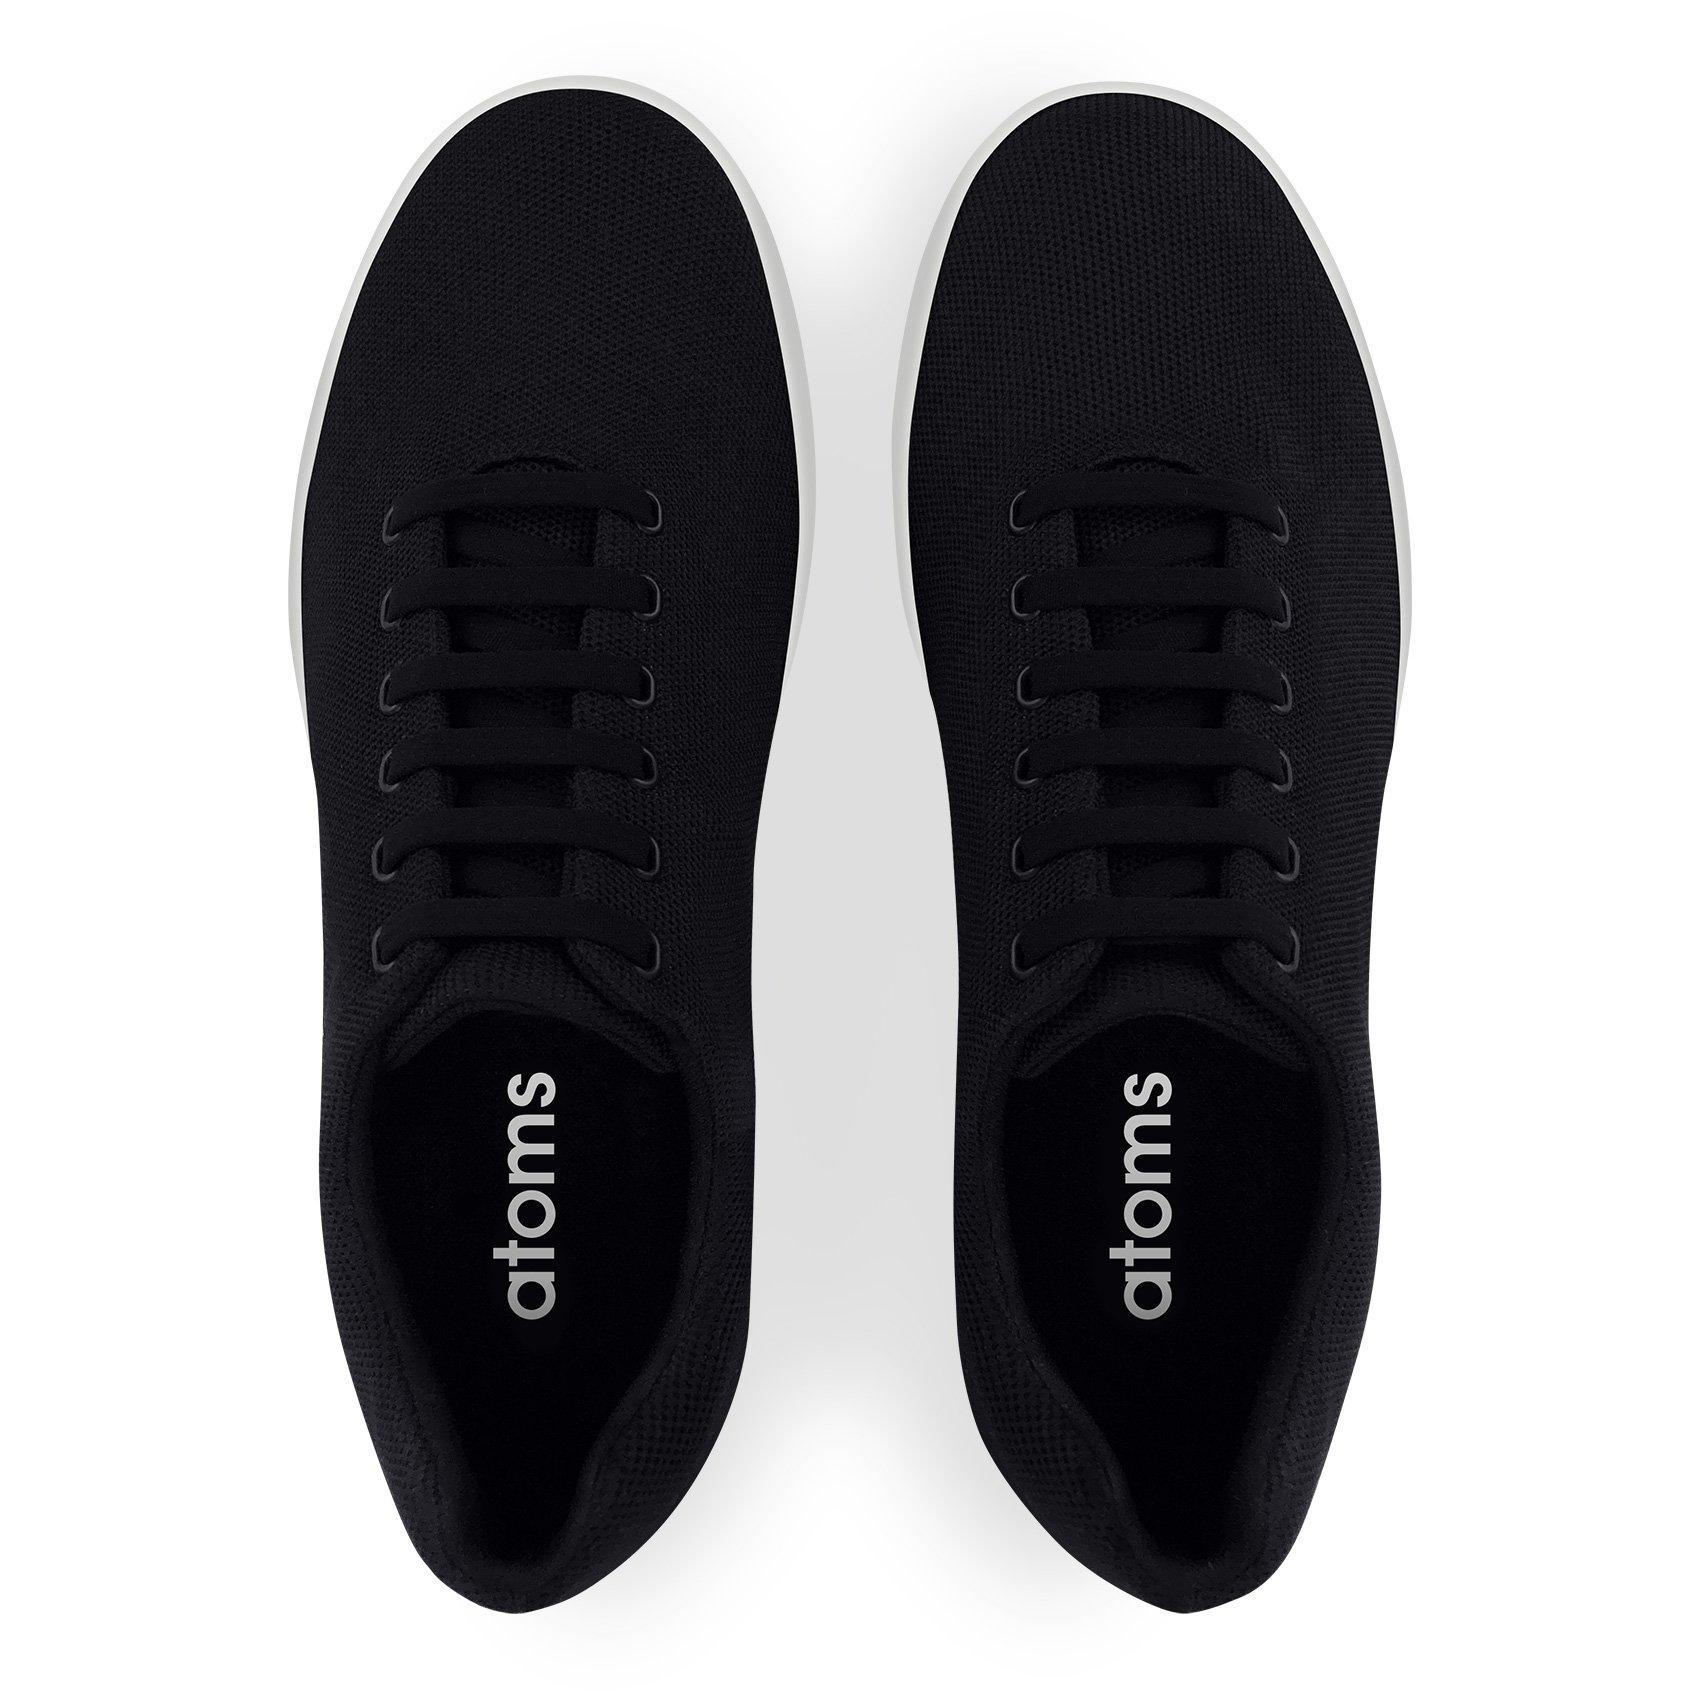 Atoms-black-_-white-shoes_2000x.jpg